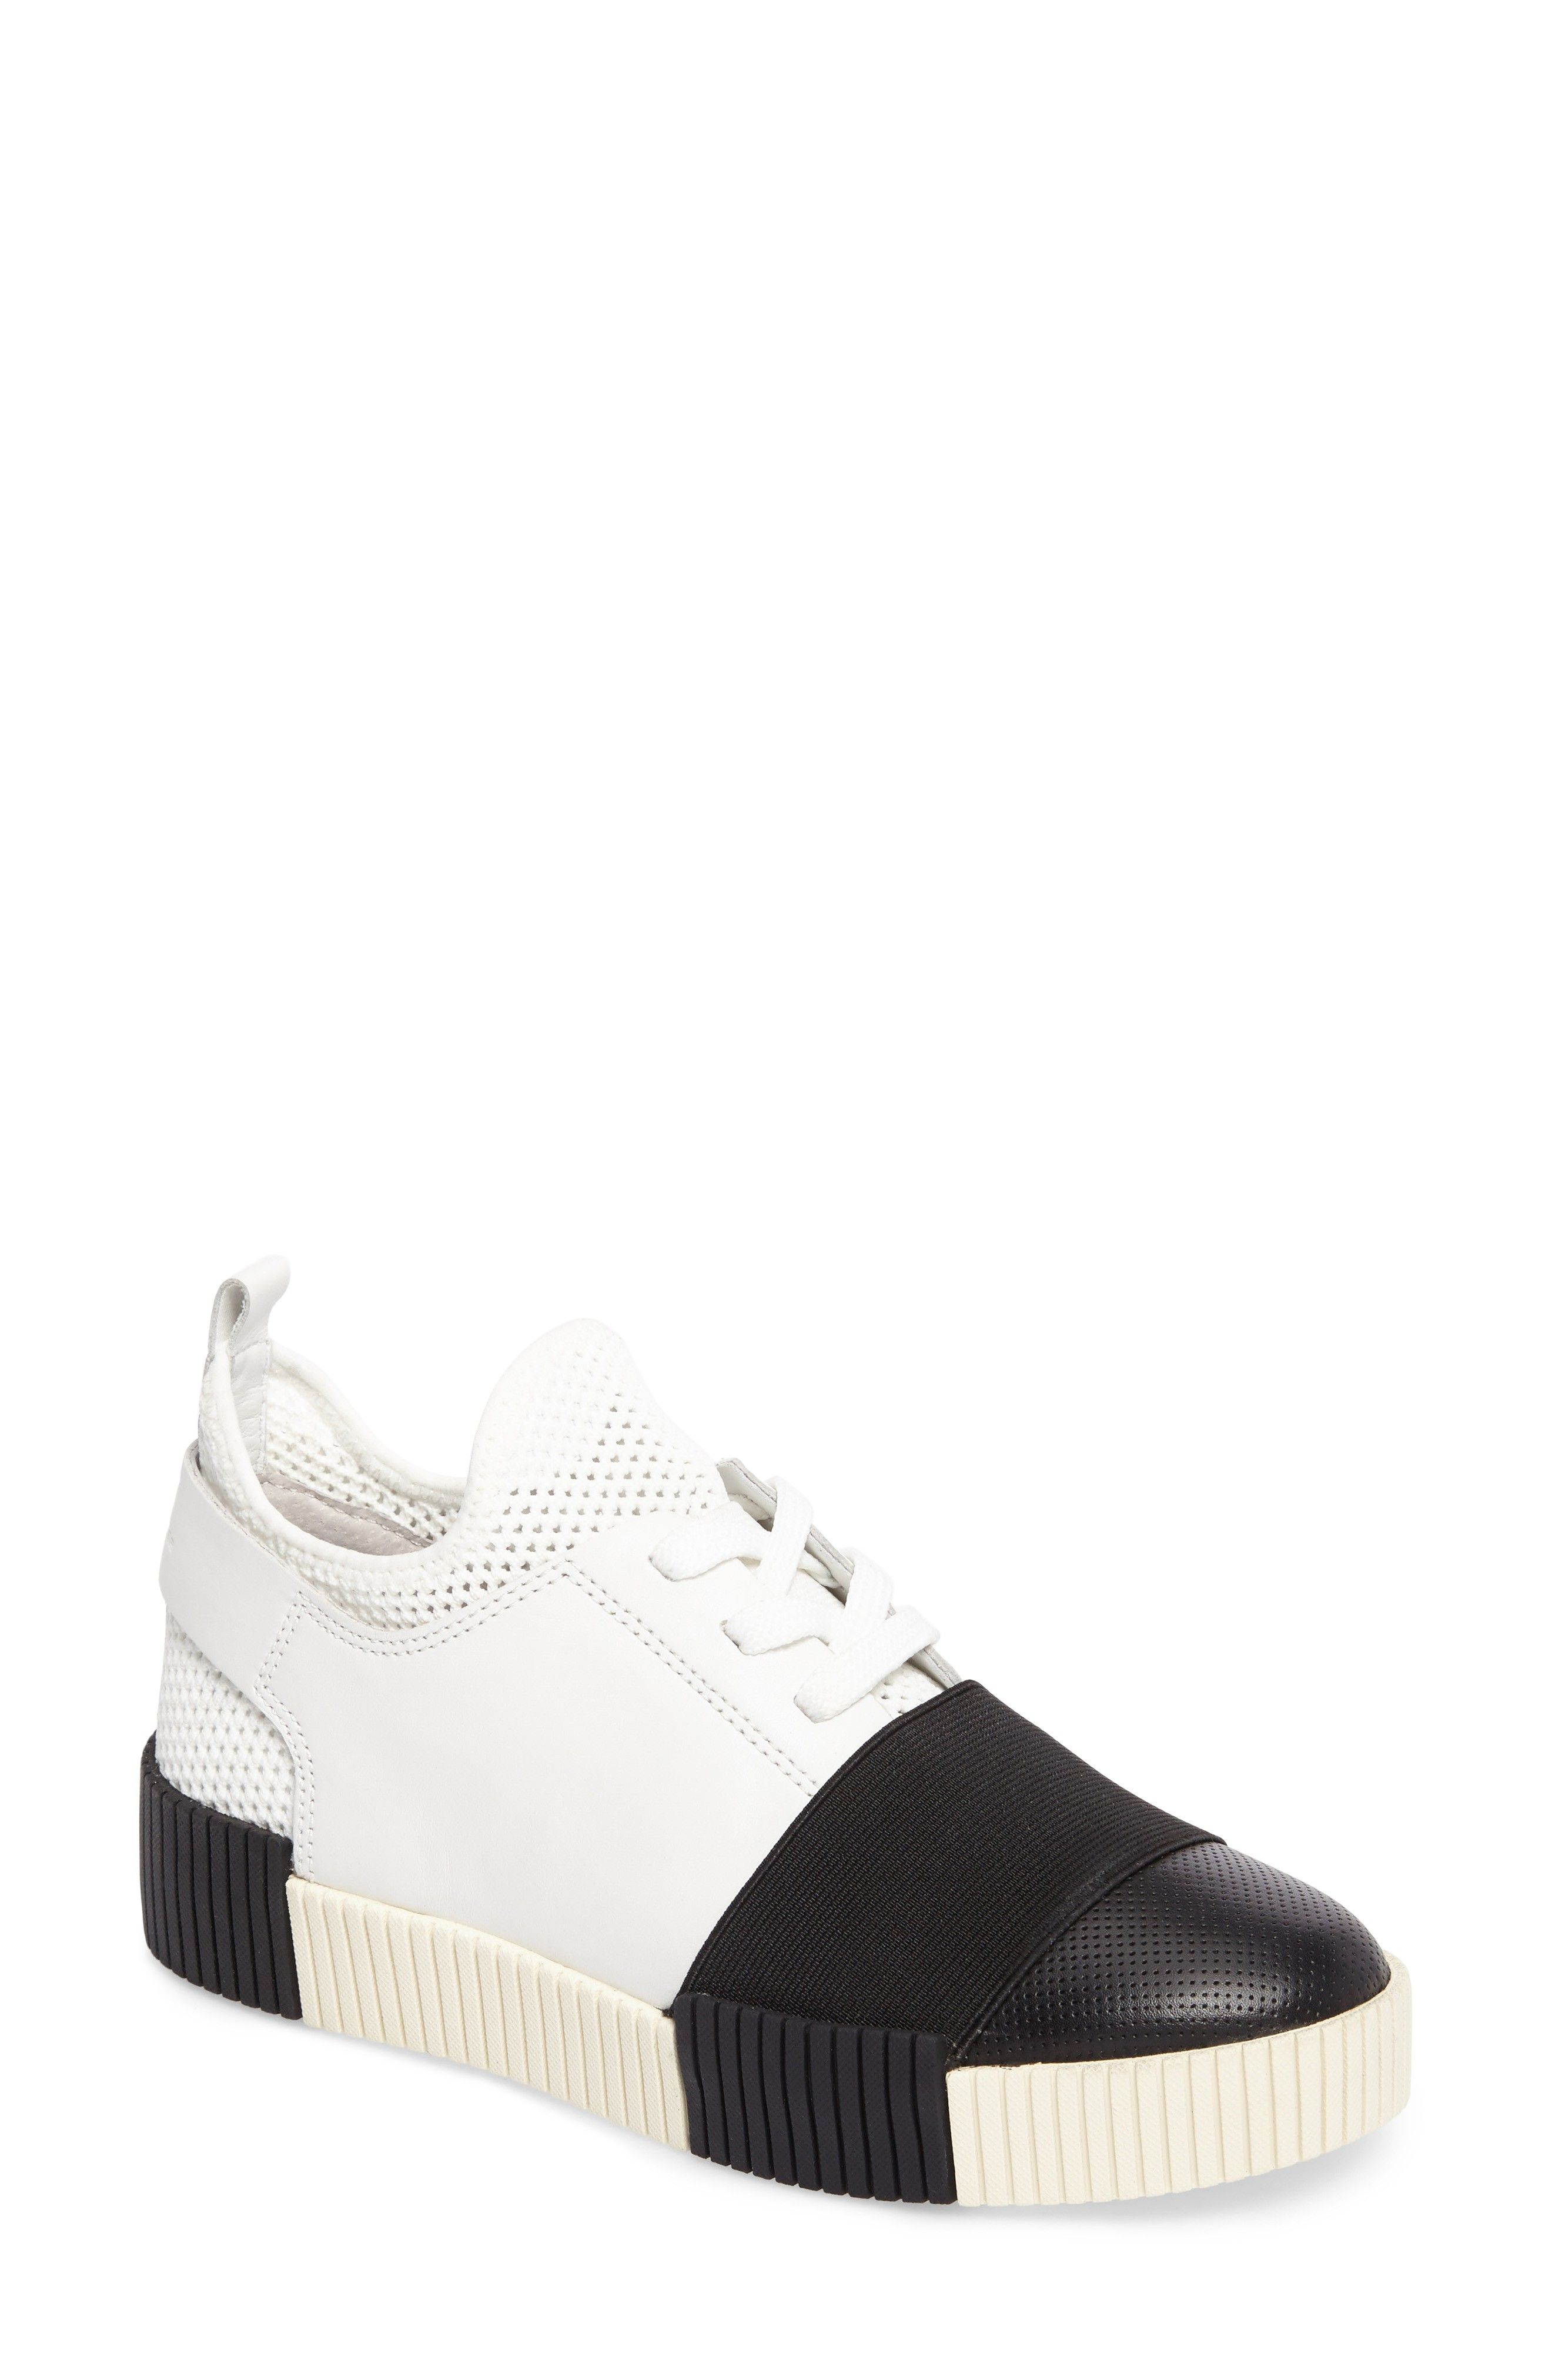 best sneakers e2aa5 bd103 MARC FISHER LTD   Ryley Platform Sneaker  Shoes  Sneaker  MARC FISHER LTD